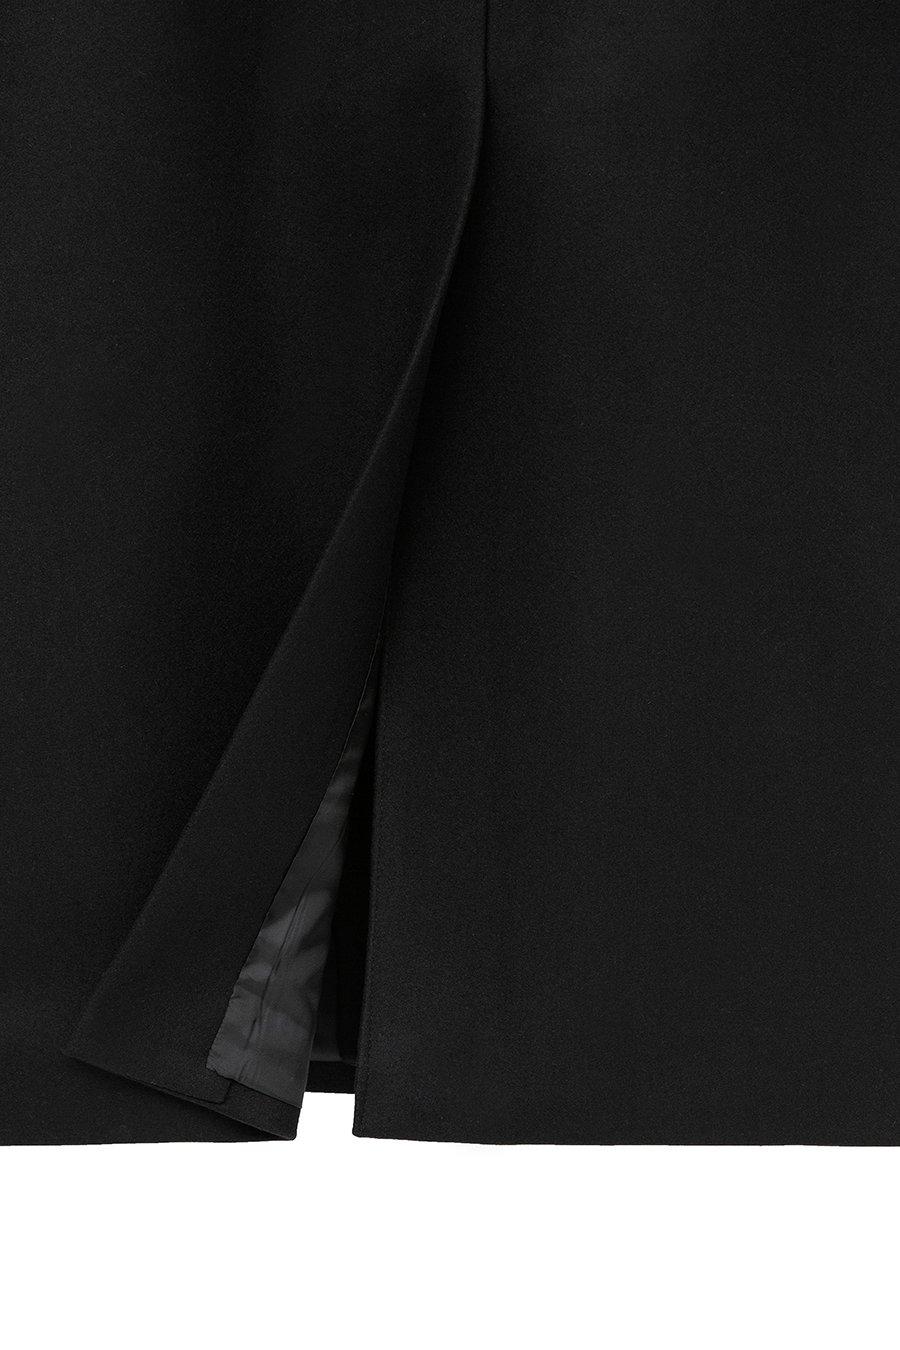 인사일런스(IN SILENCE) [BLACK LABEL] MTR 프리미엄 더블 브레스티드 코트 BLACK